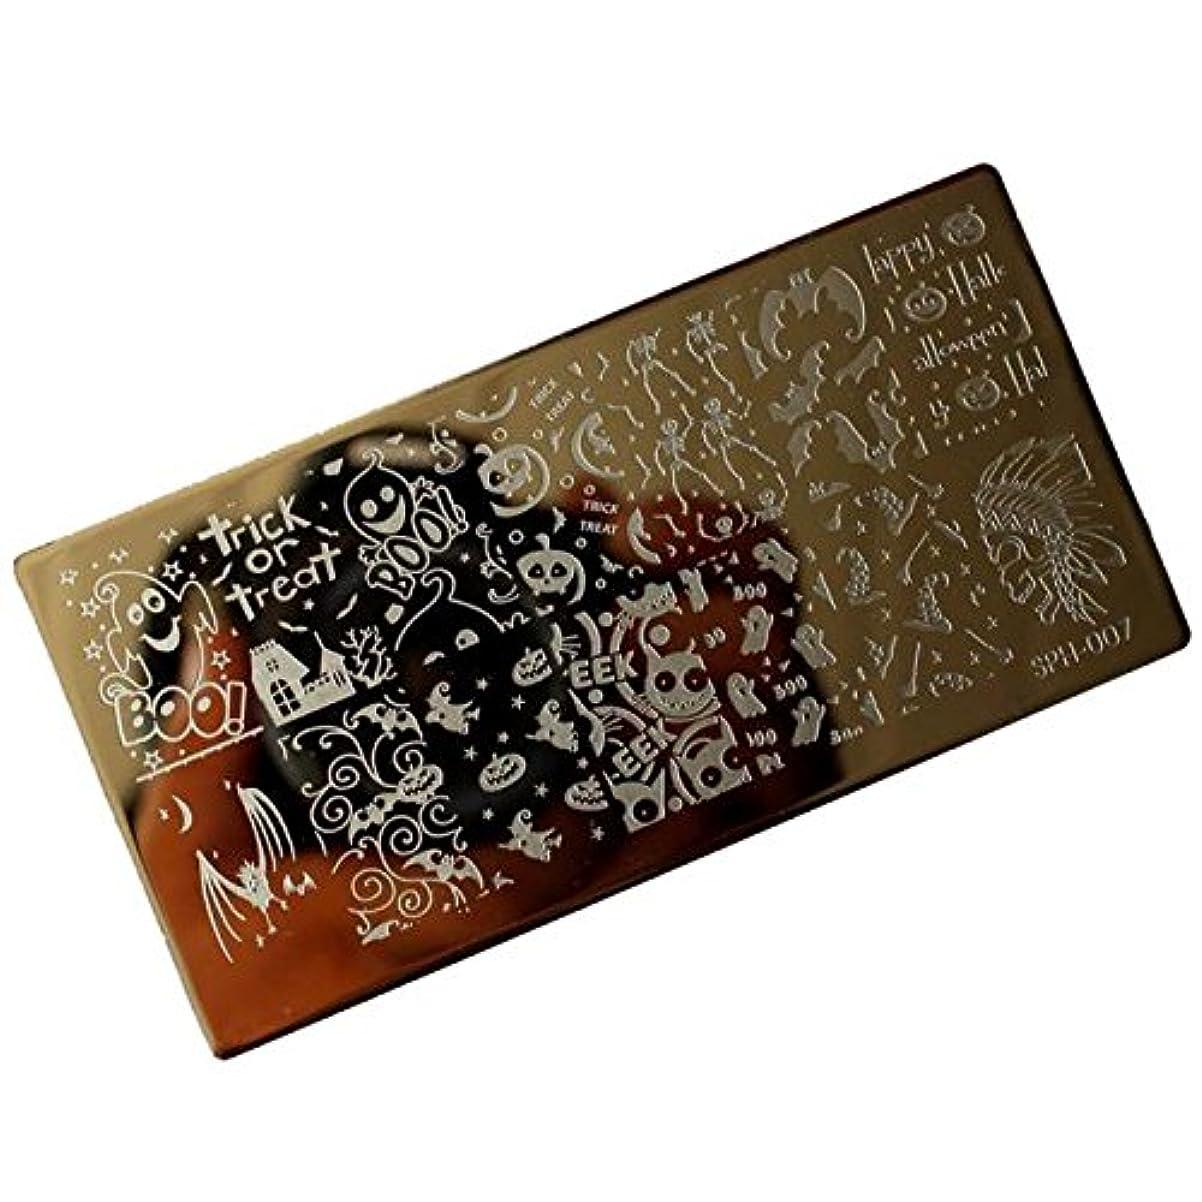 怖がらせるスモッグ疫病[ルテンズ] スタンピングプレートセット 花柄 クリスマス ネイルプレート ネイルアートツール ネイルプレート ネイルスタンパー ネイルスタンプ スタンプネイル ネイルデザイン用品